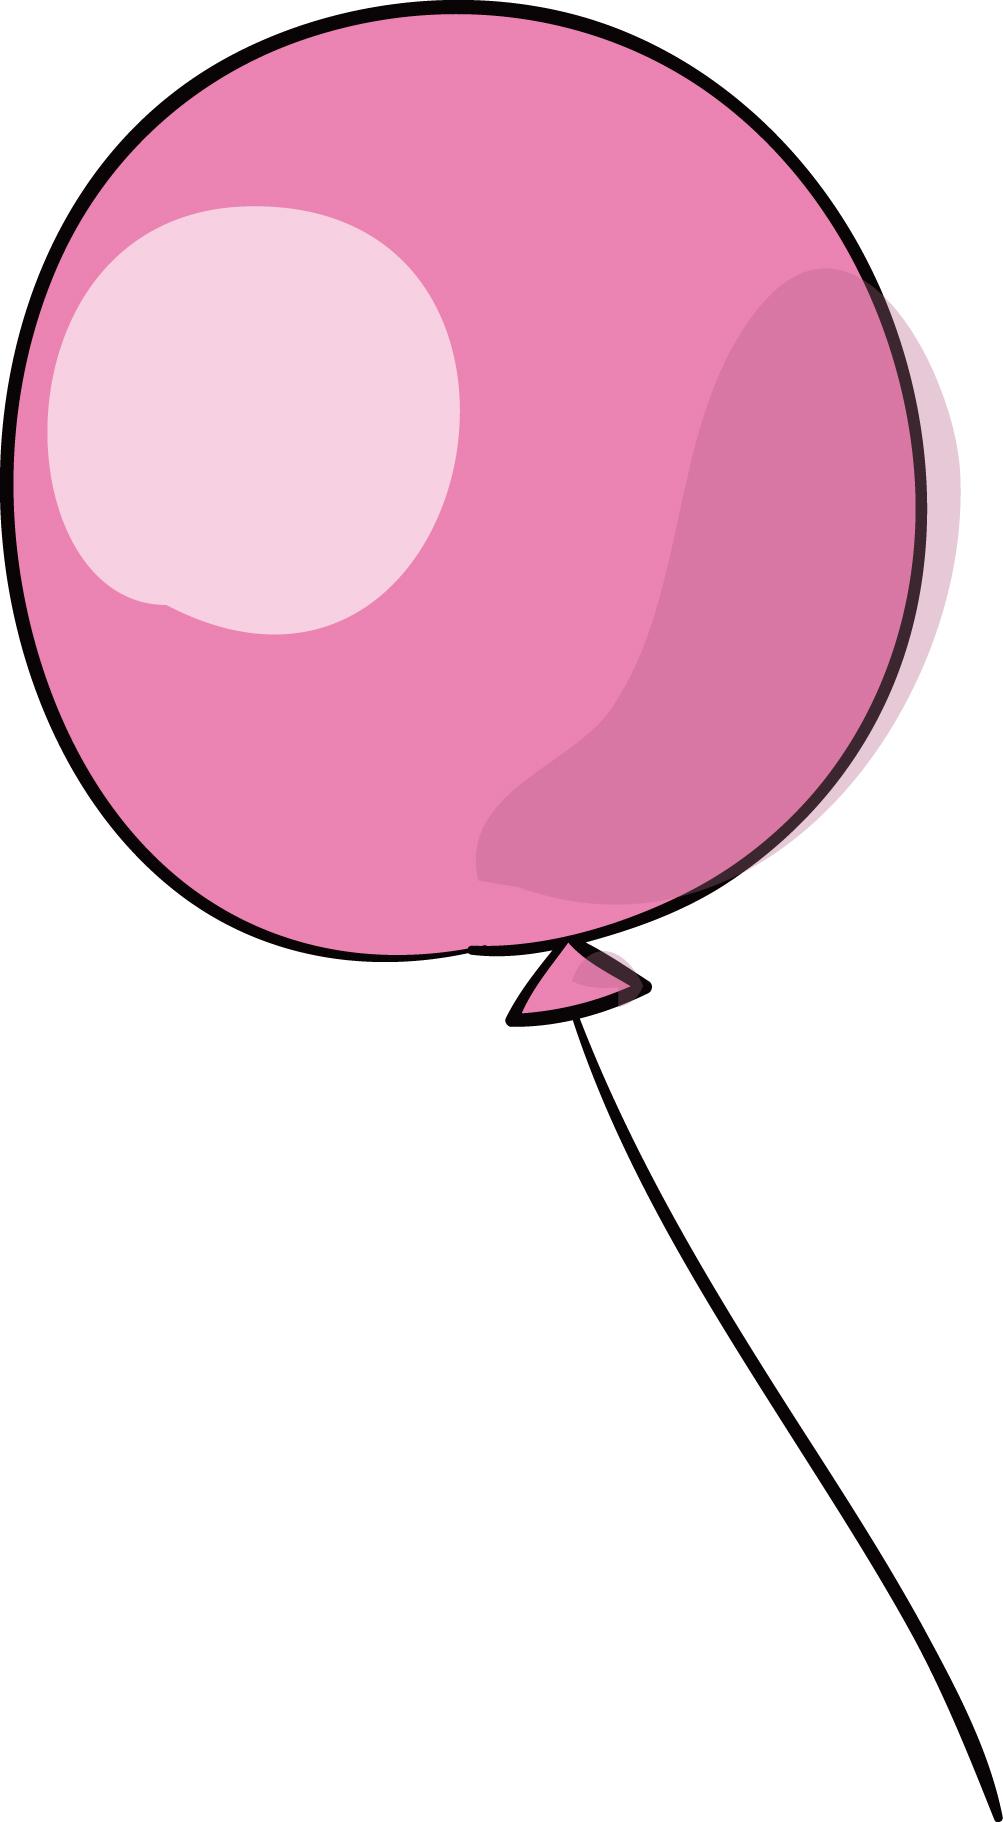 ピンクの風船 ダウンロード かわいい無料イラスト 印刷素材 Net